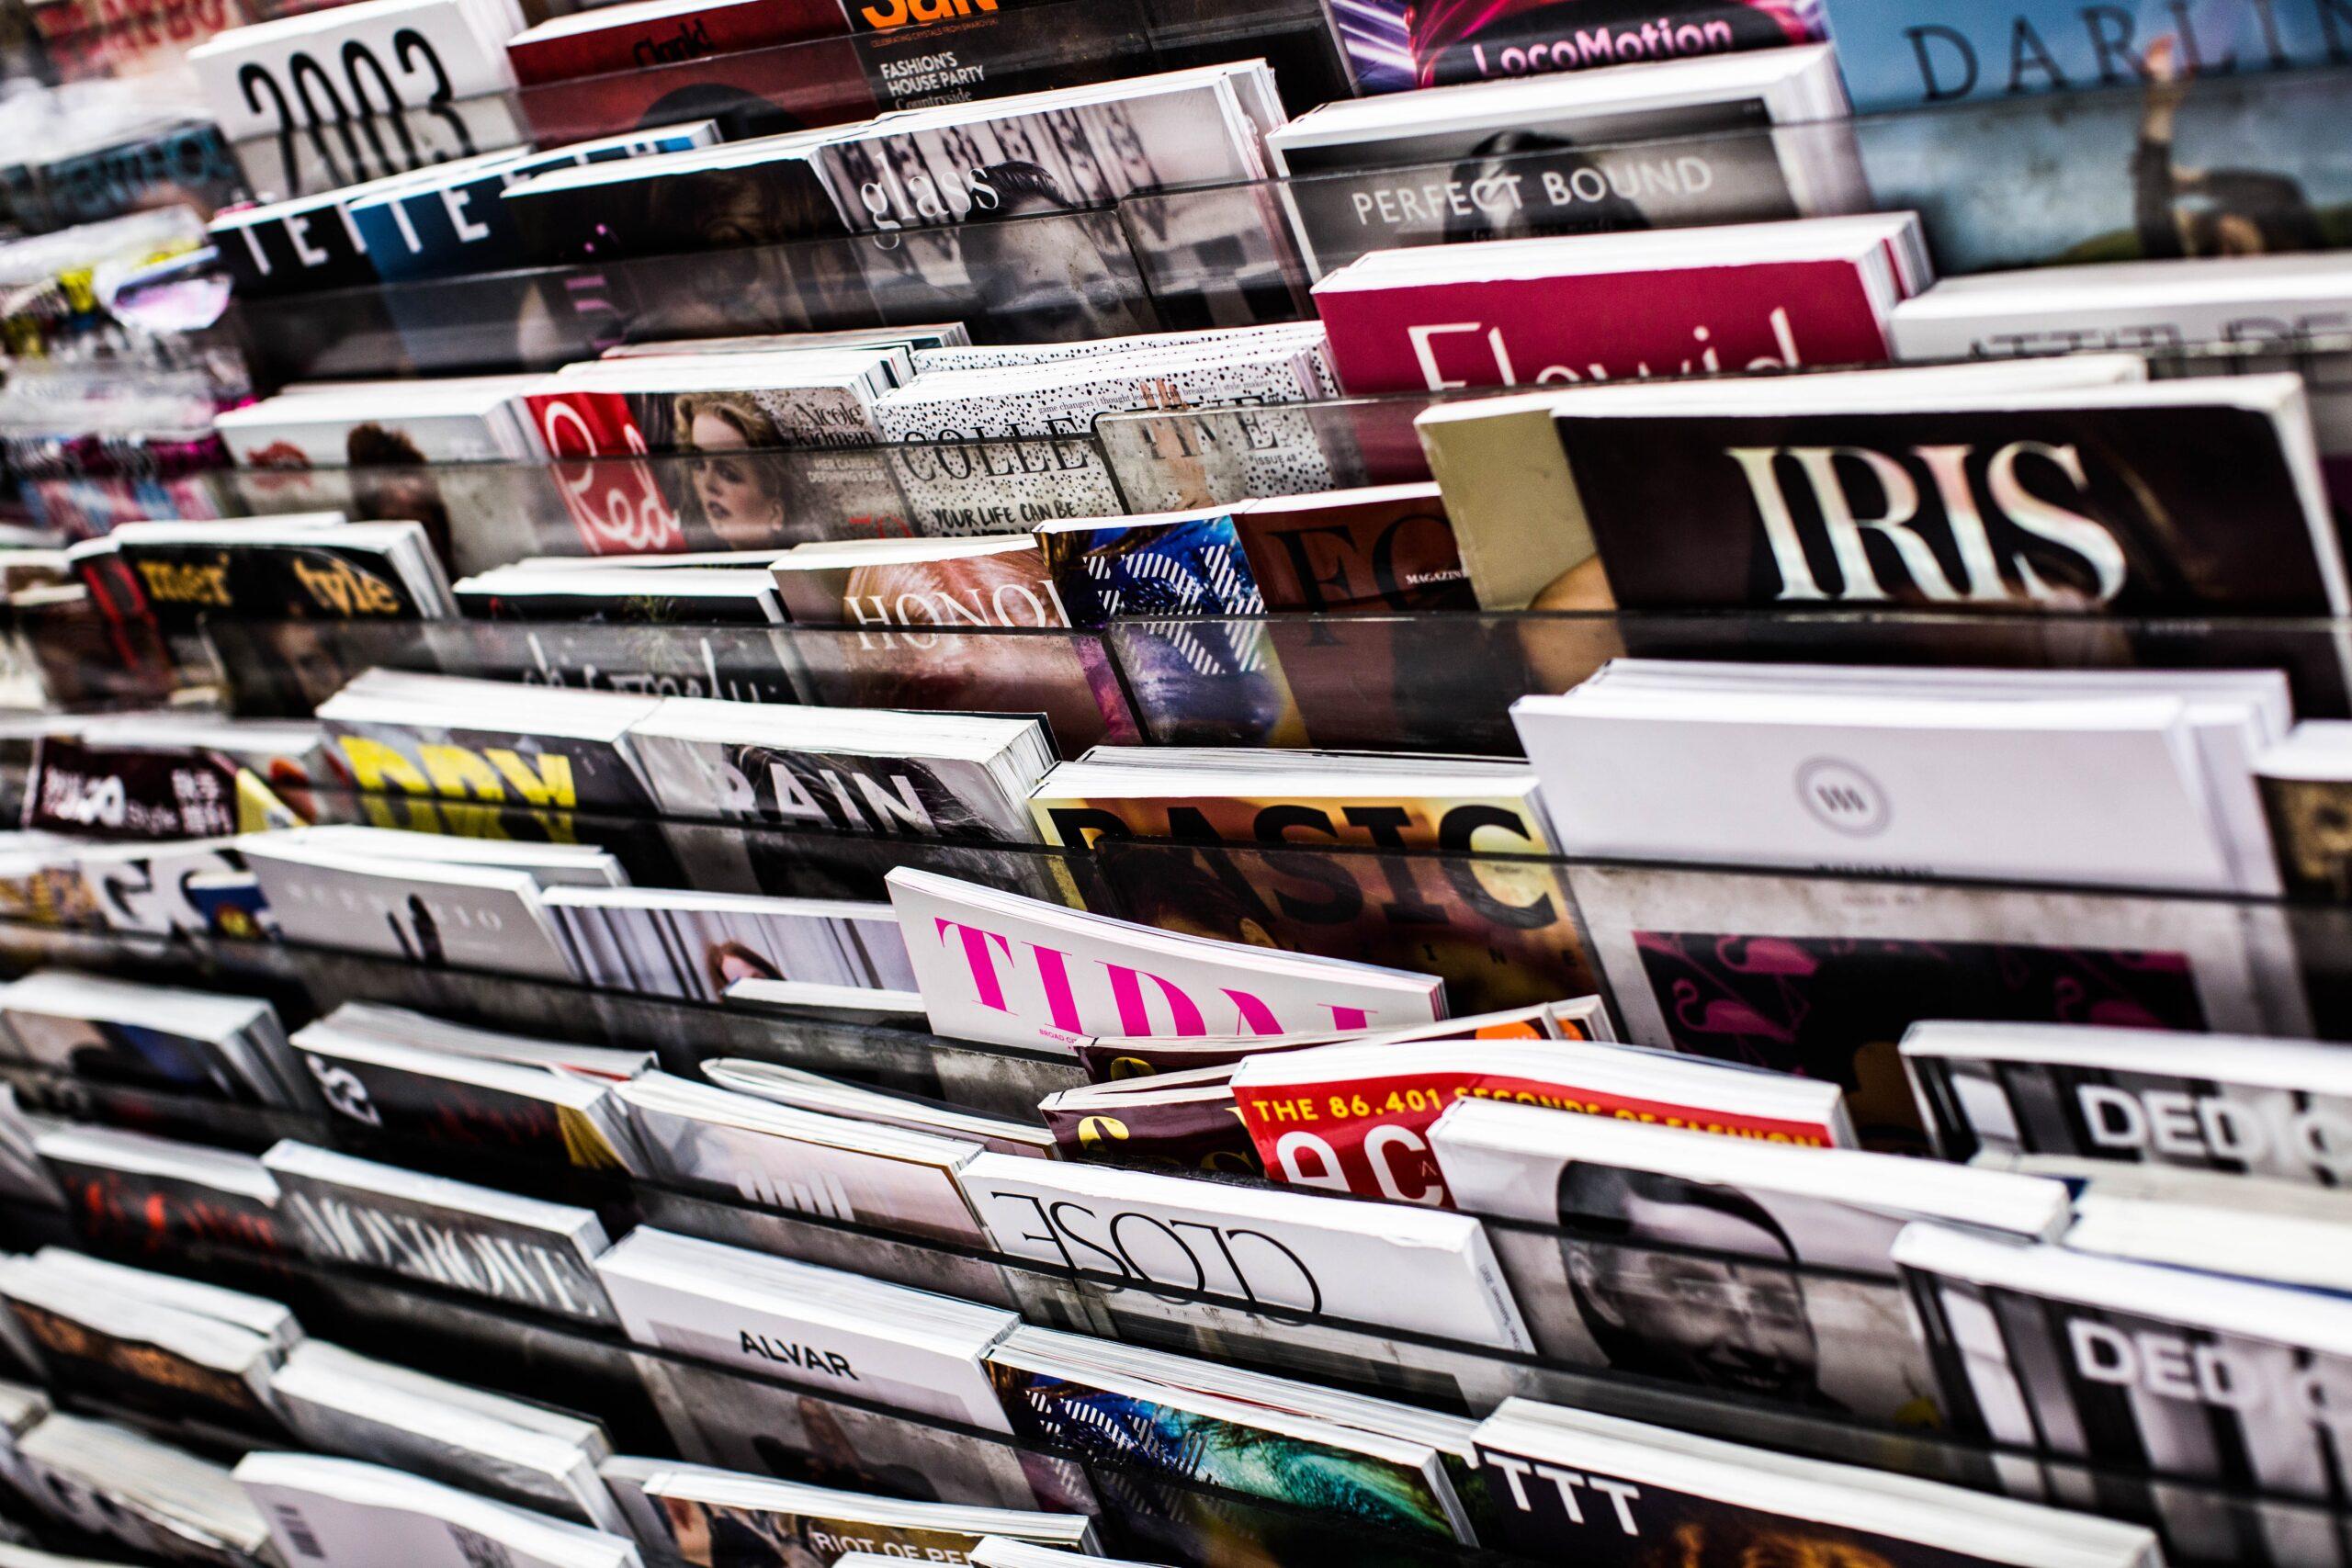 rvg-media-free-publicity